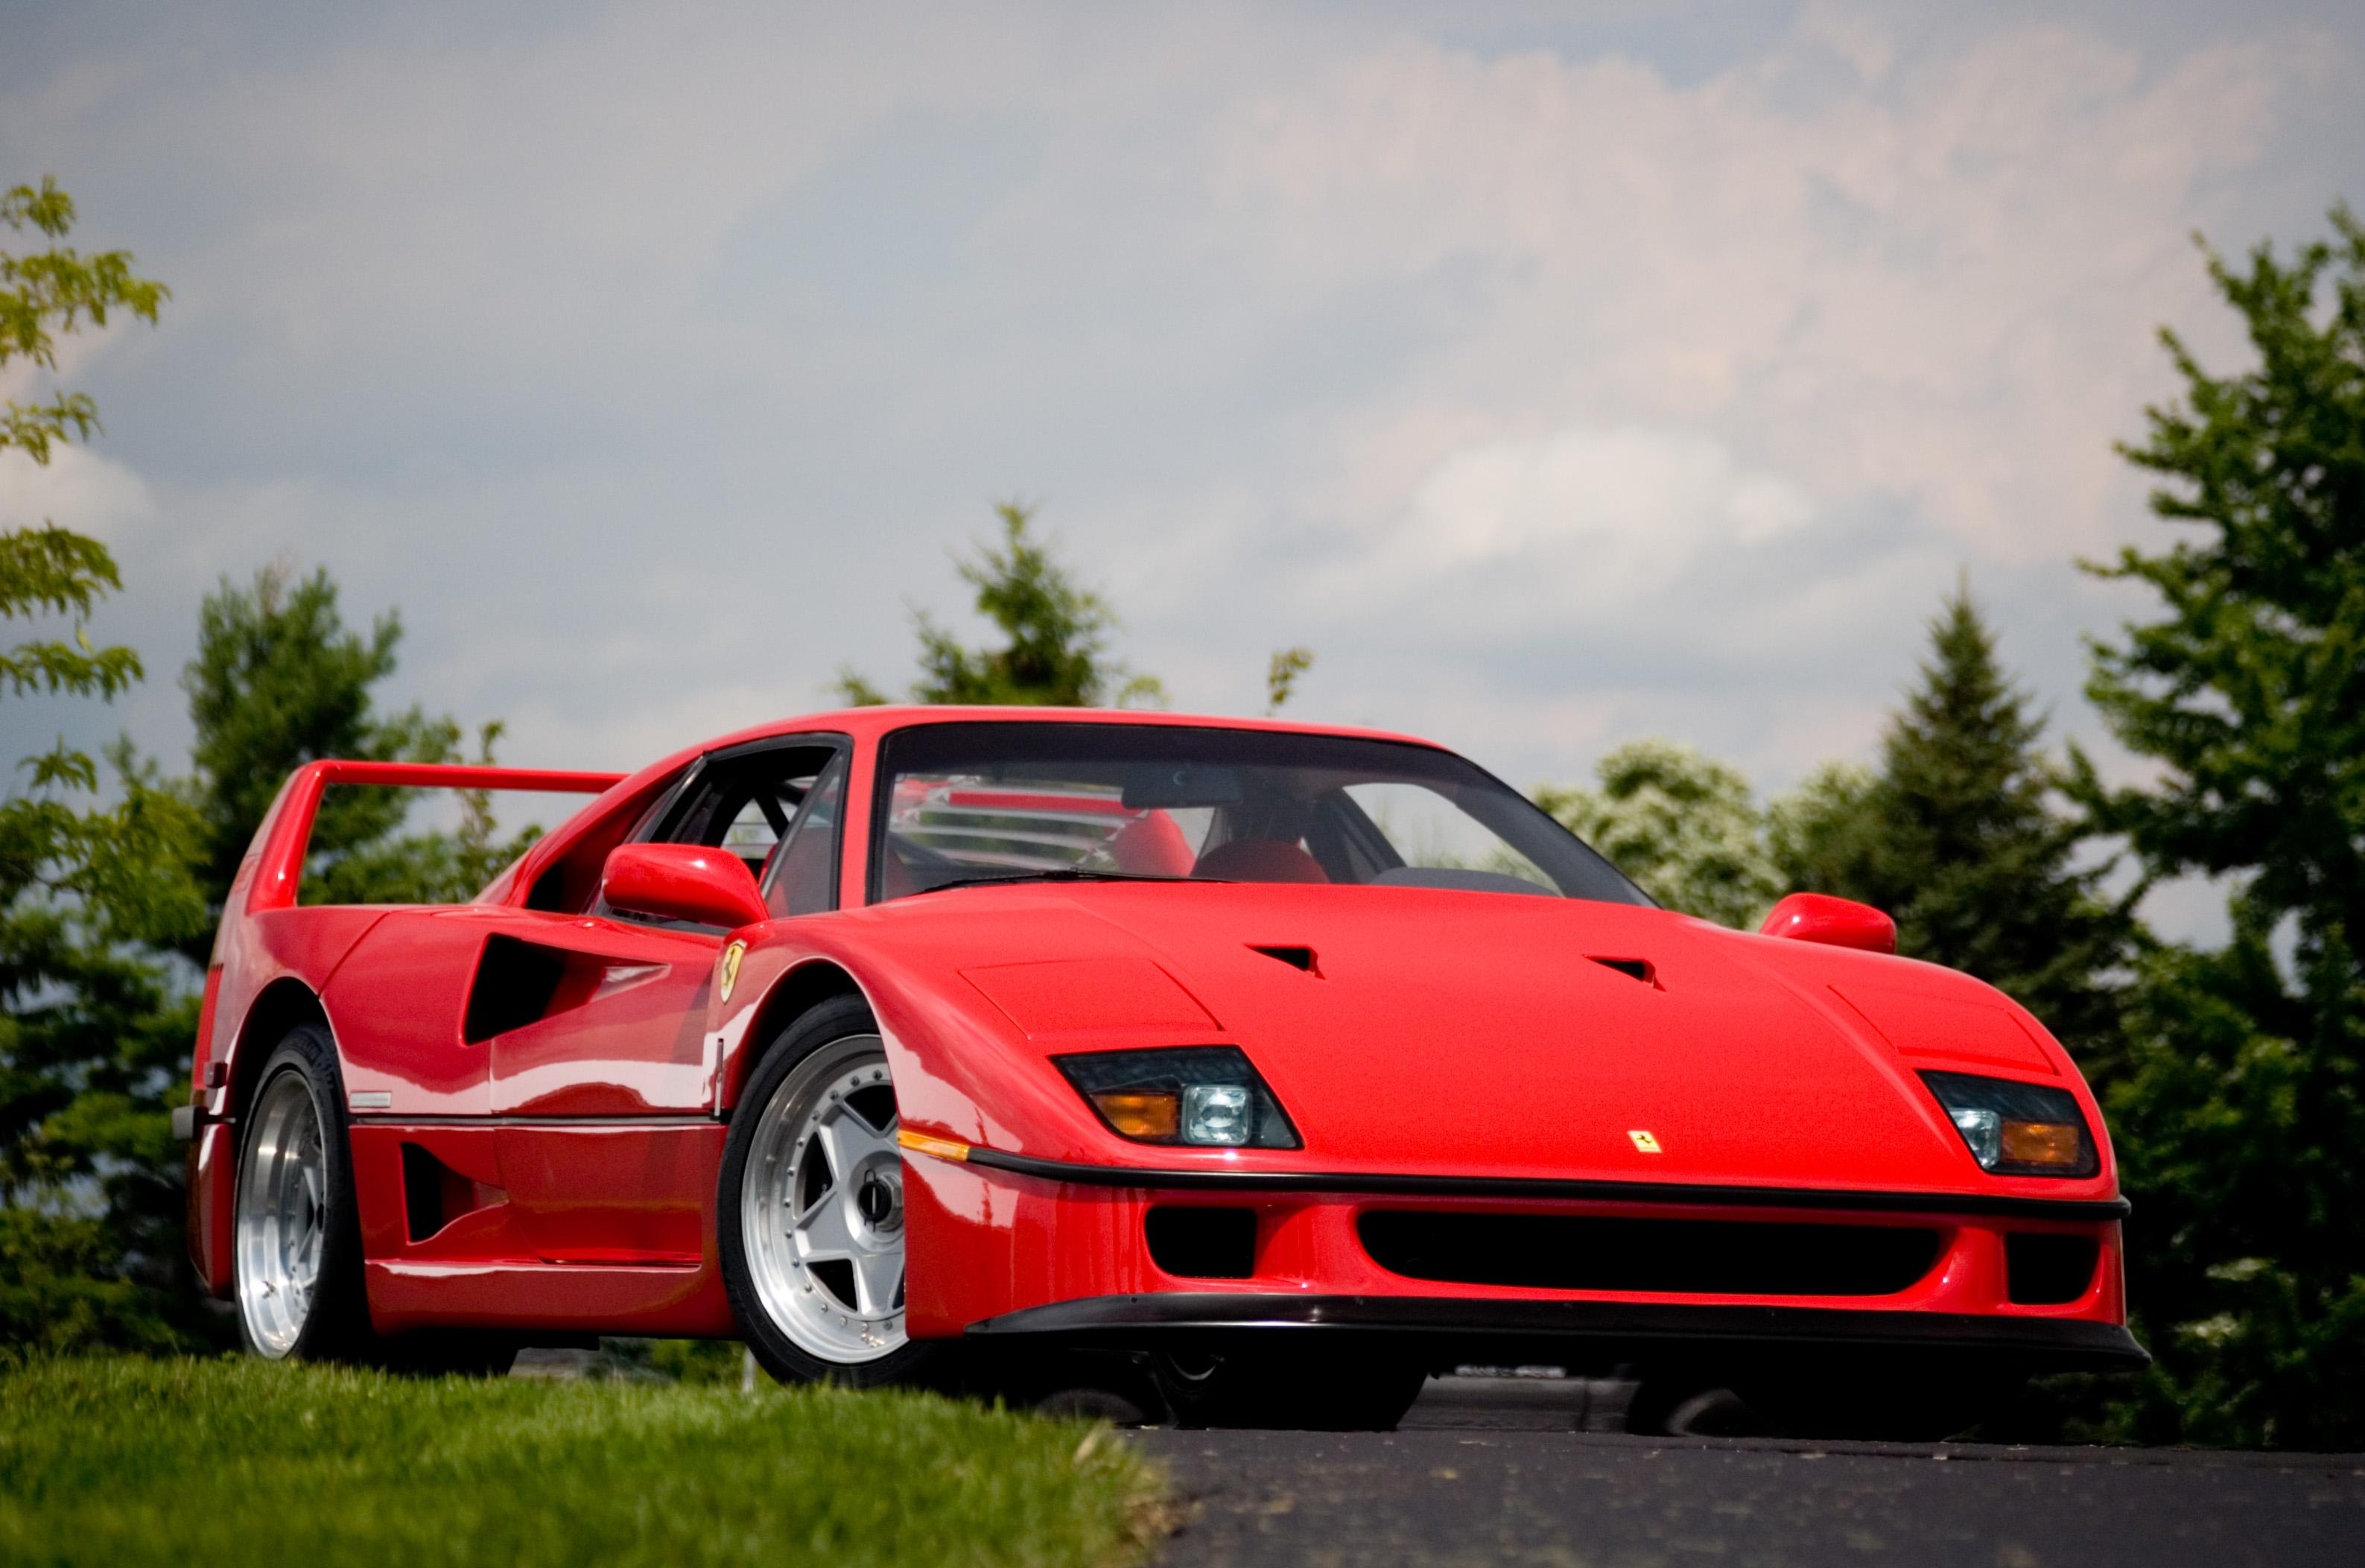 La ferrari f40 la meilleure voiture du monde - Image de voiture ferrari ...